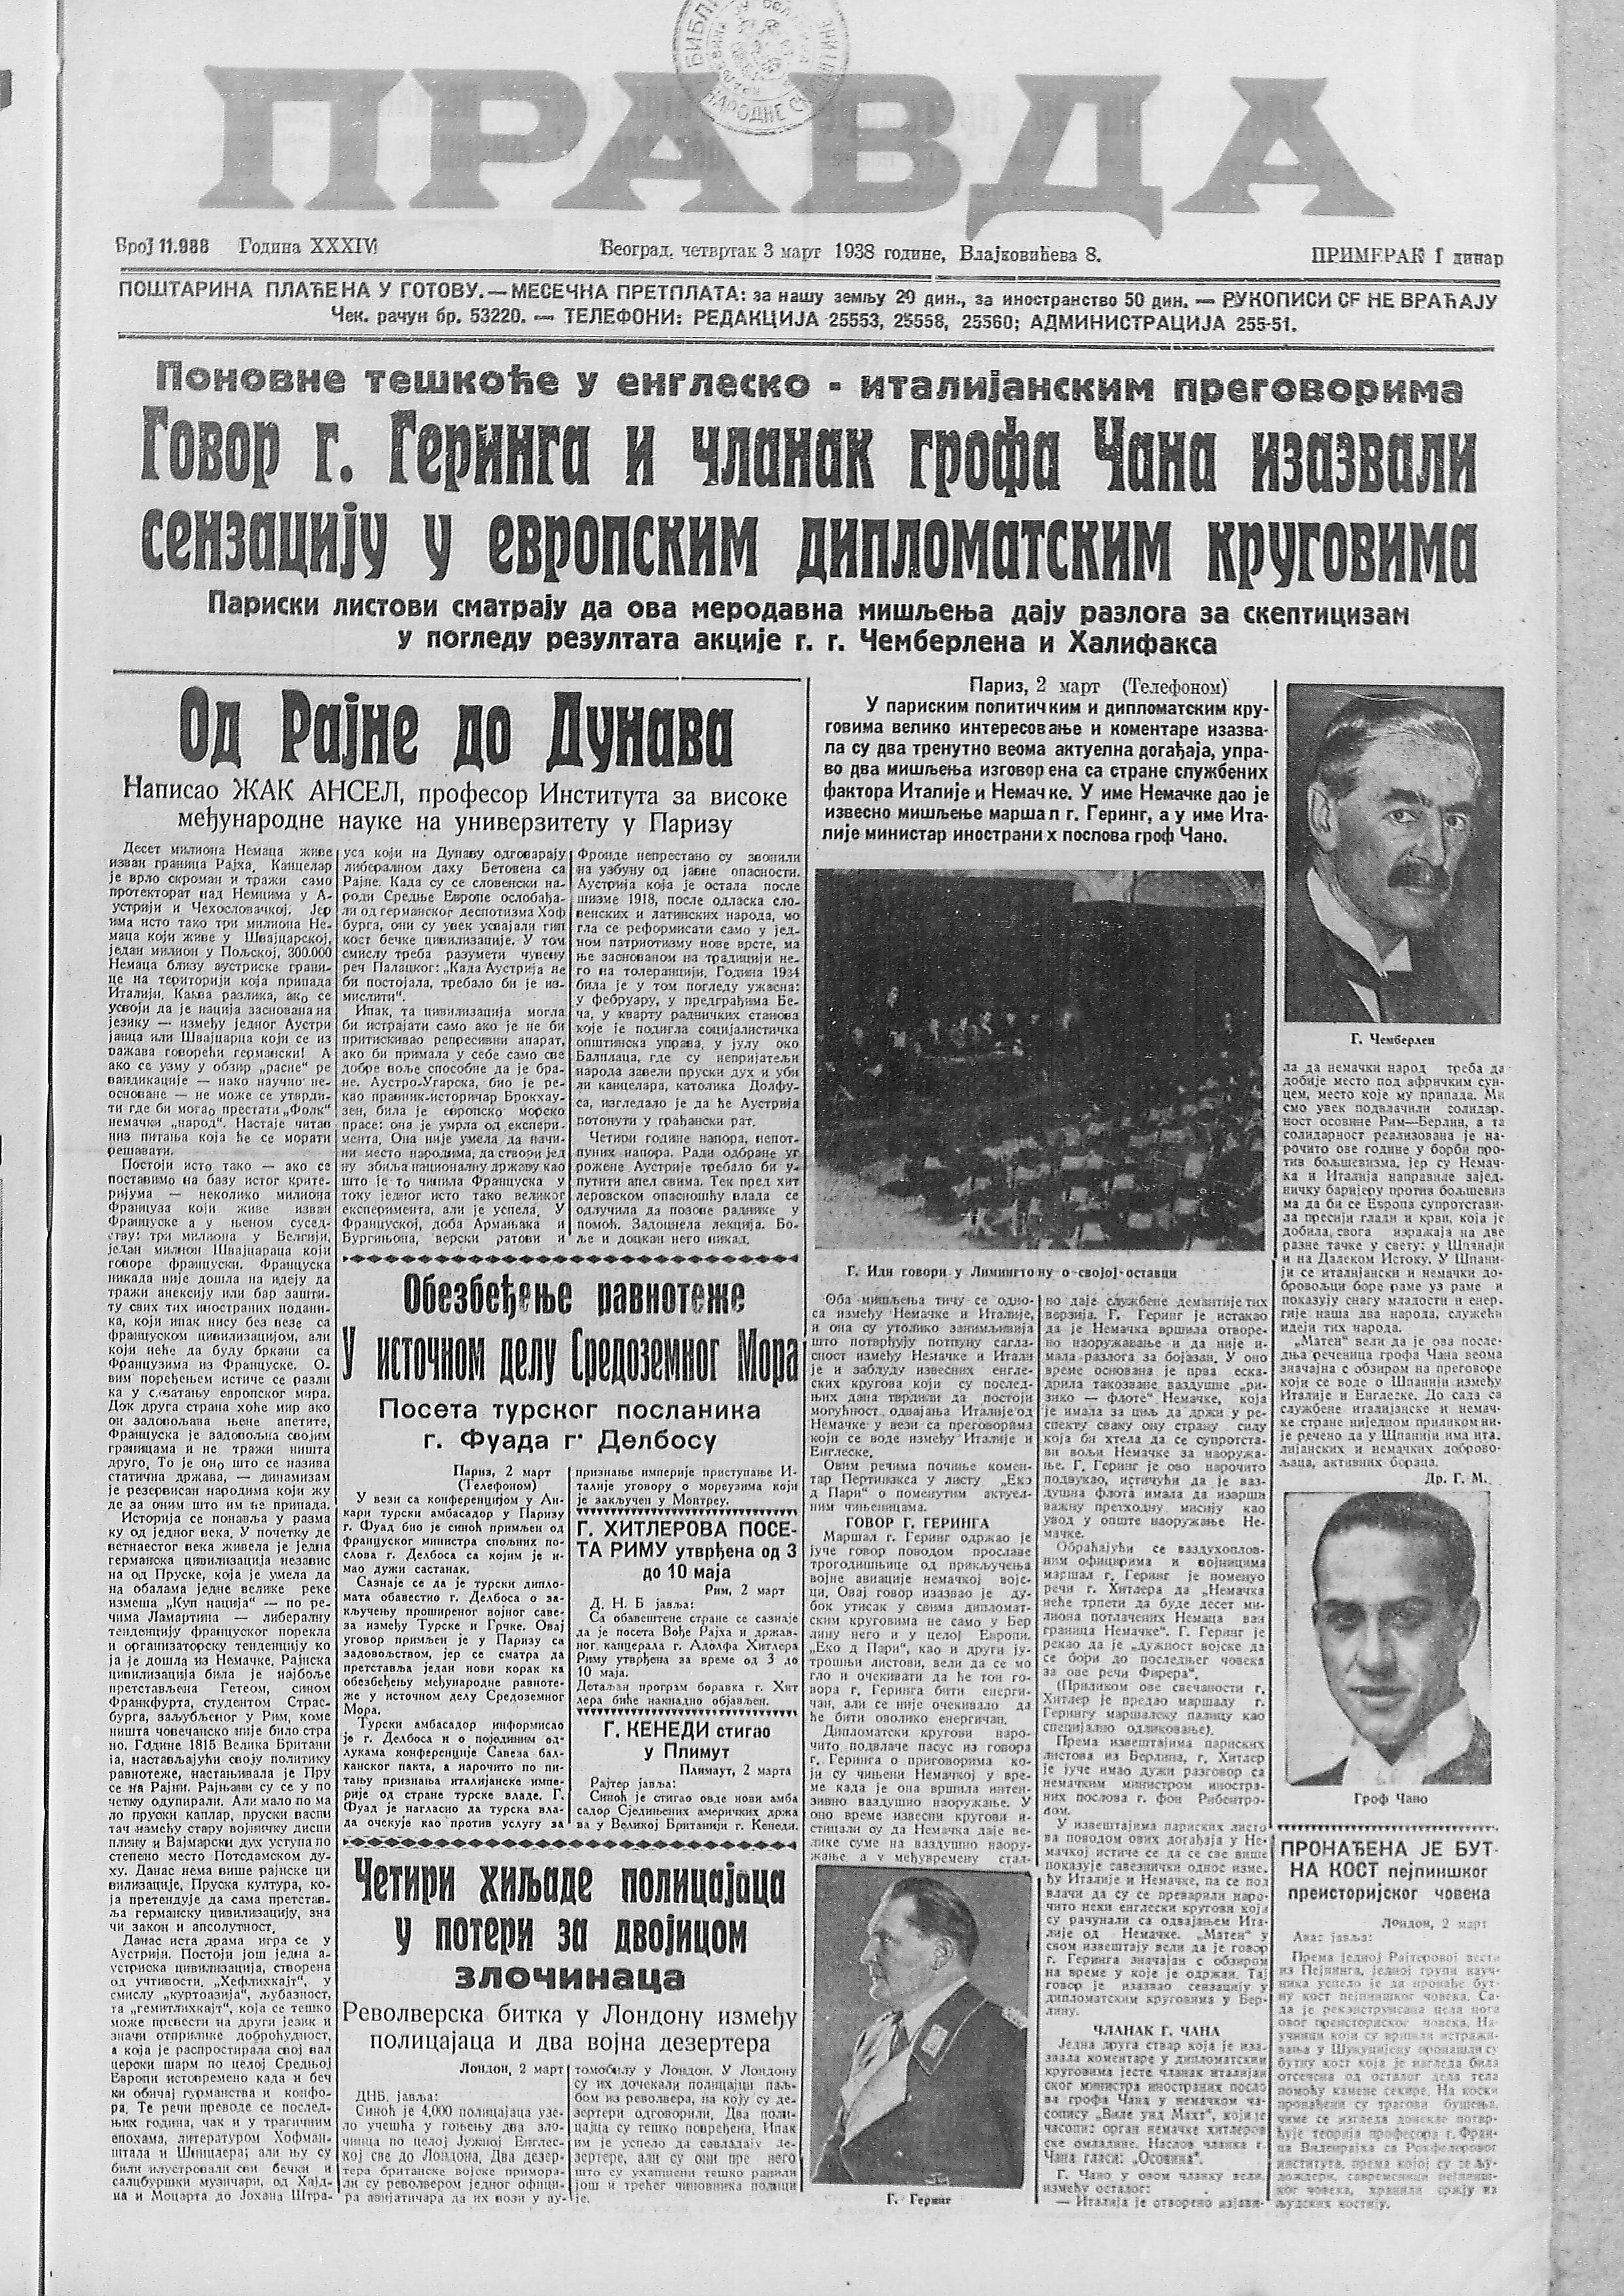 Šta su u Srbiji mislili o komunizmu pre Tita? 3